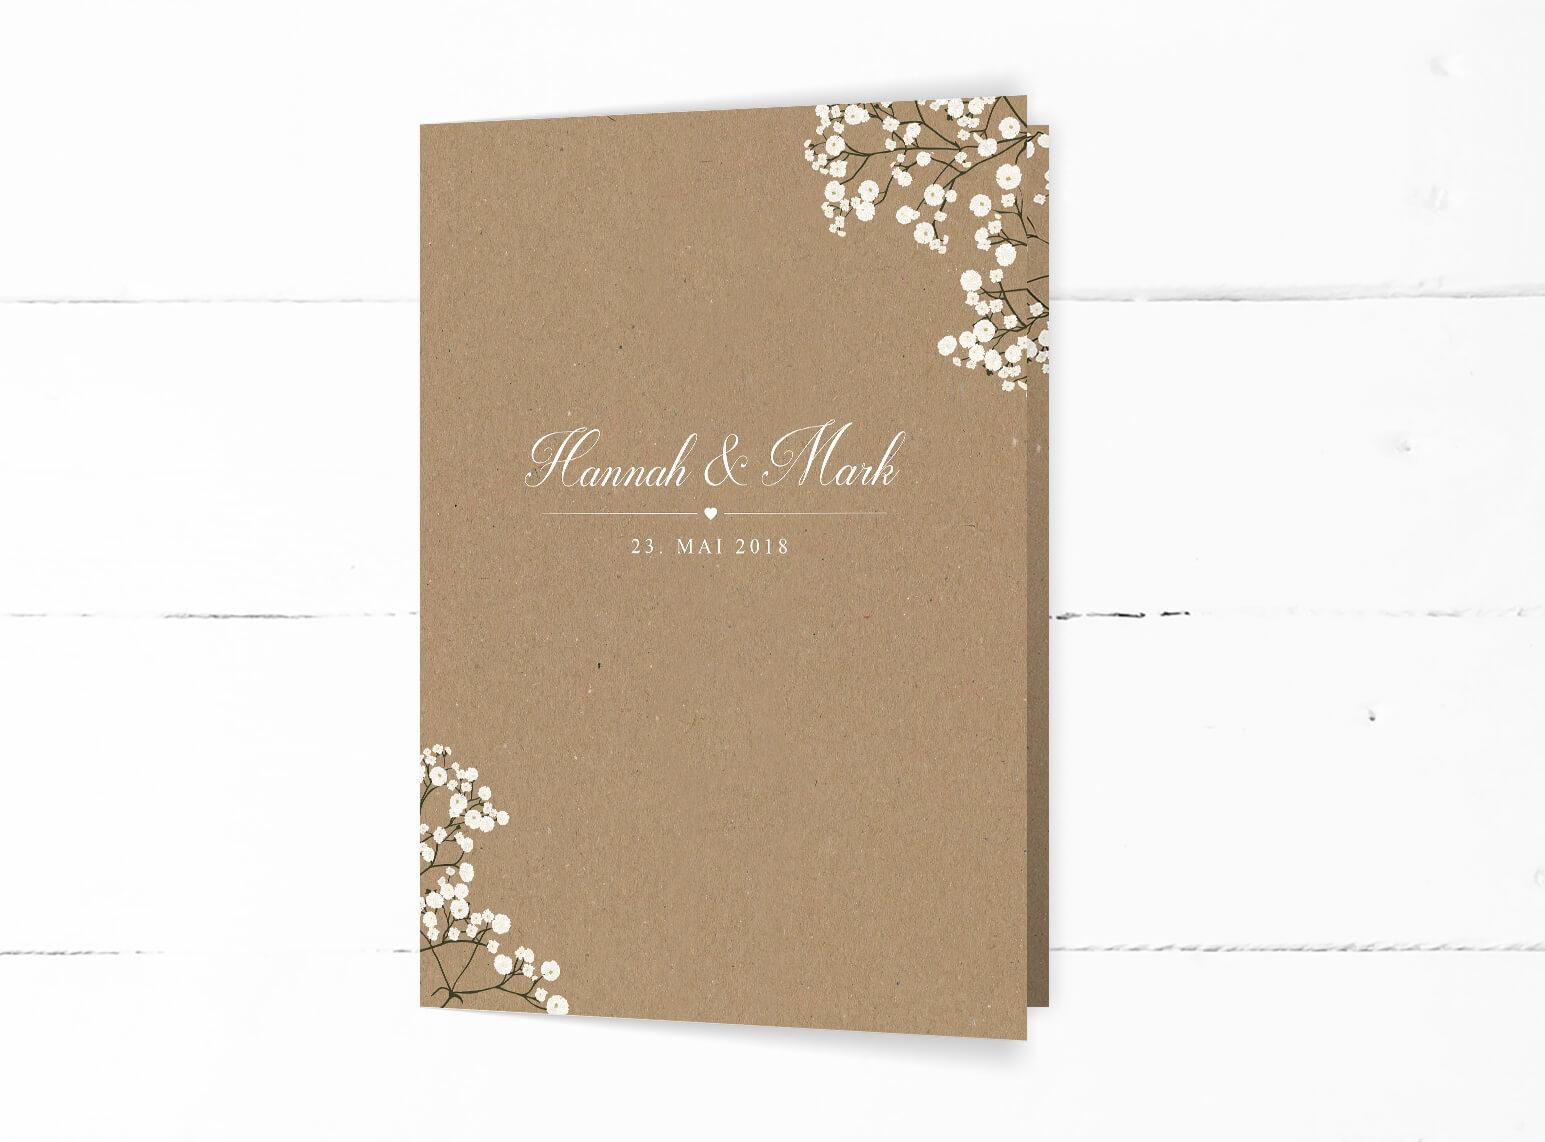 Hochzeitseinladung Kraftpapier weiße Blumen